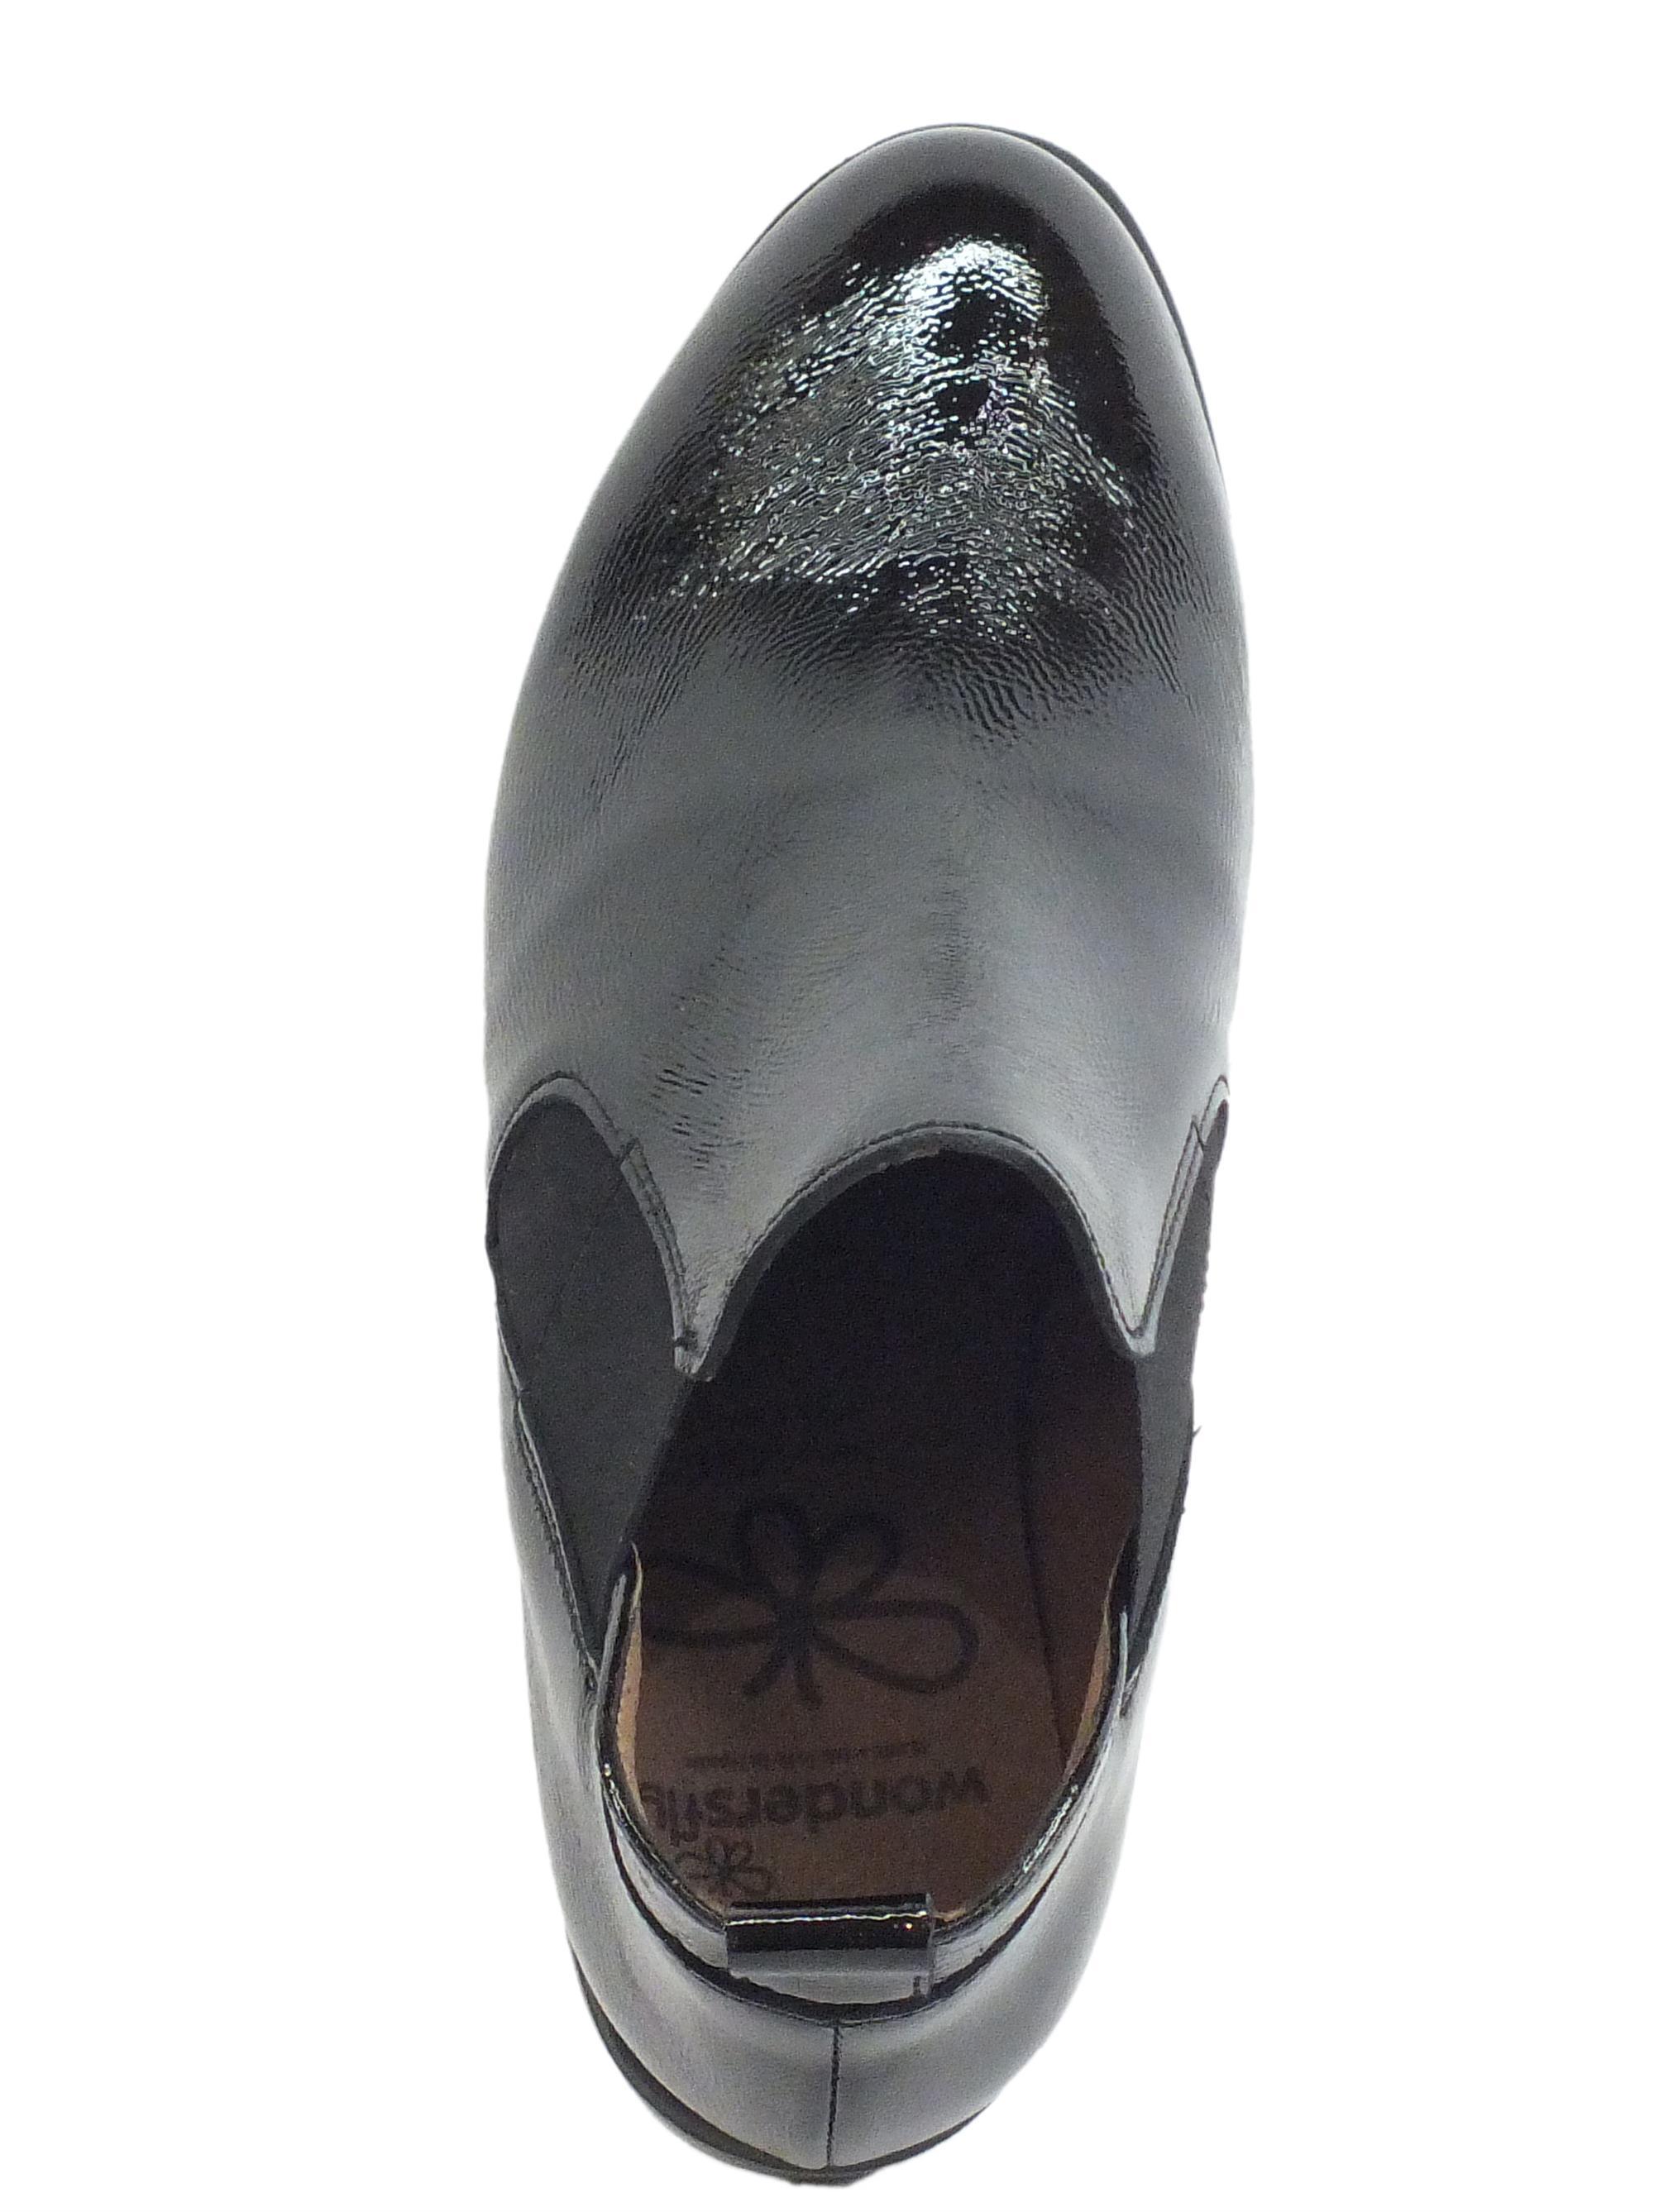 Wonders C 33176 Lack I Negro Mocassini Donna in pelle lucida nera con elastici